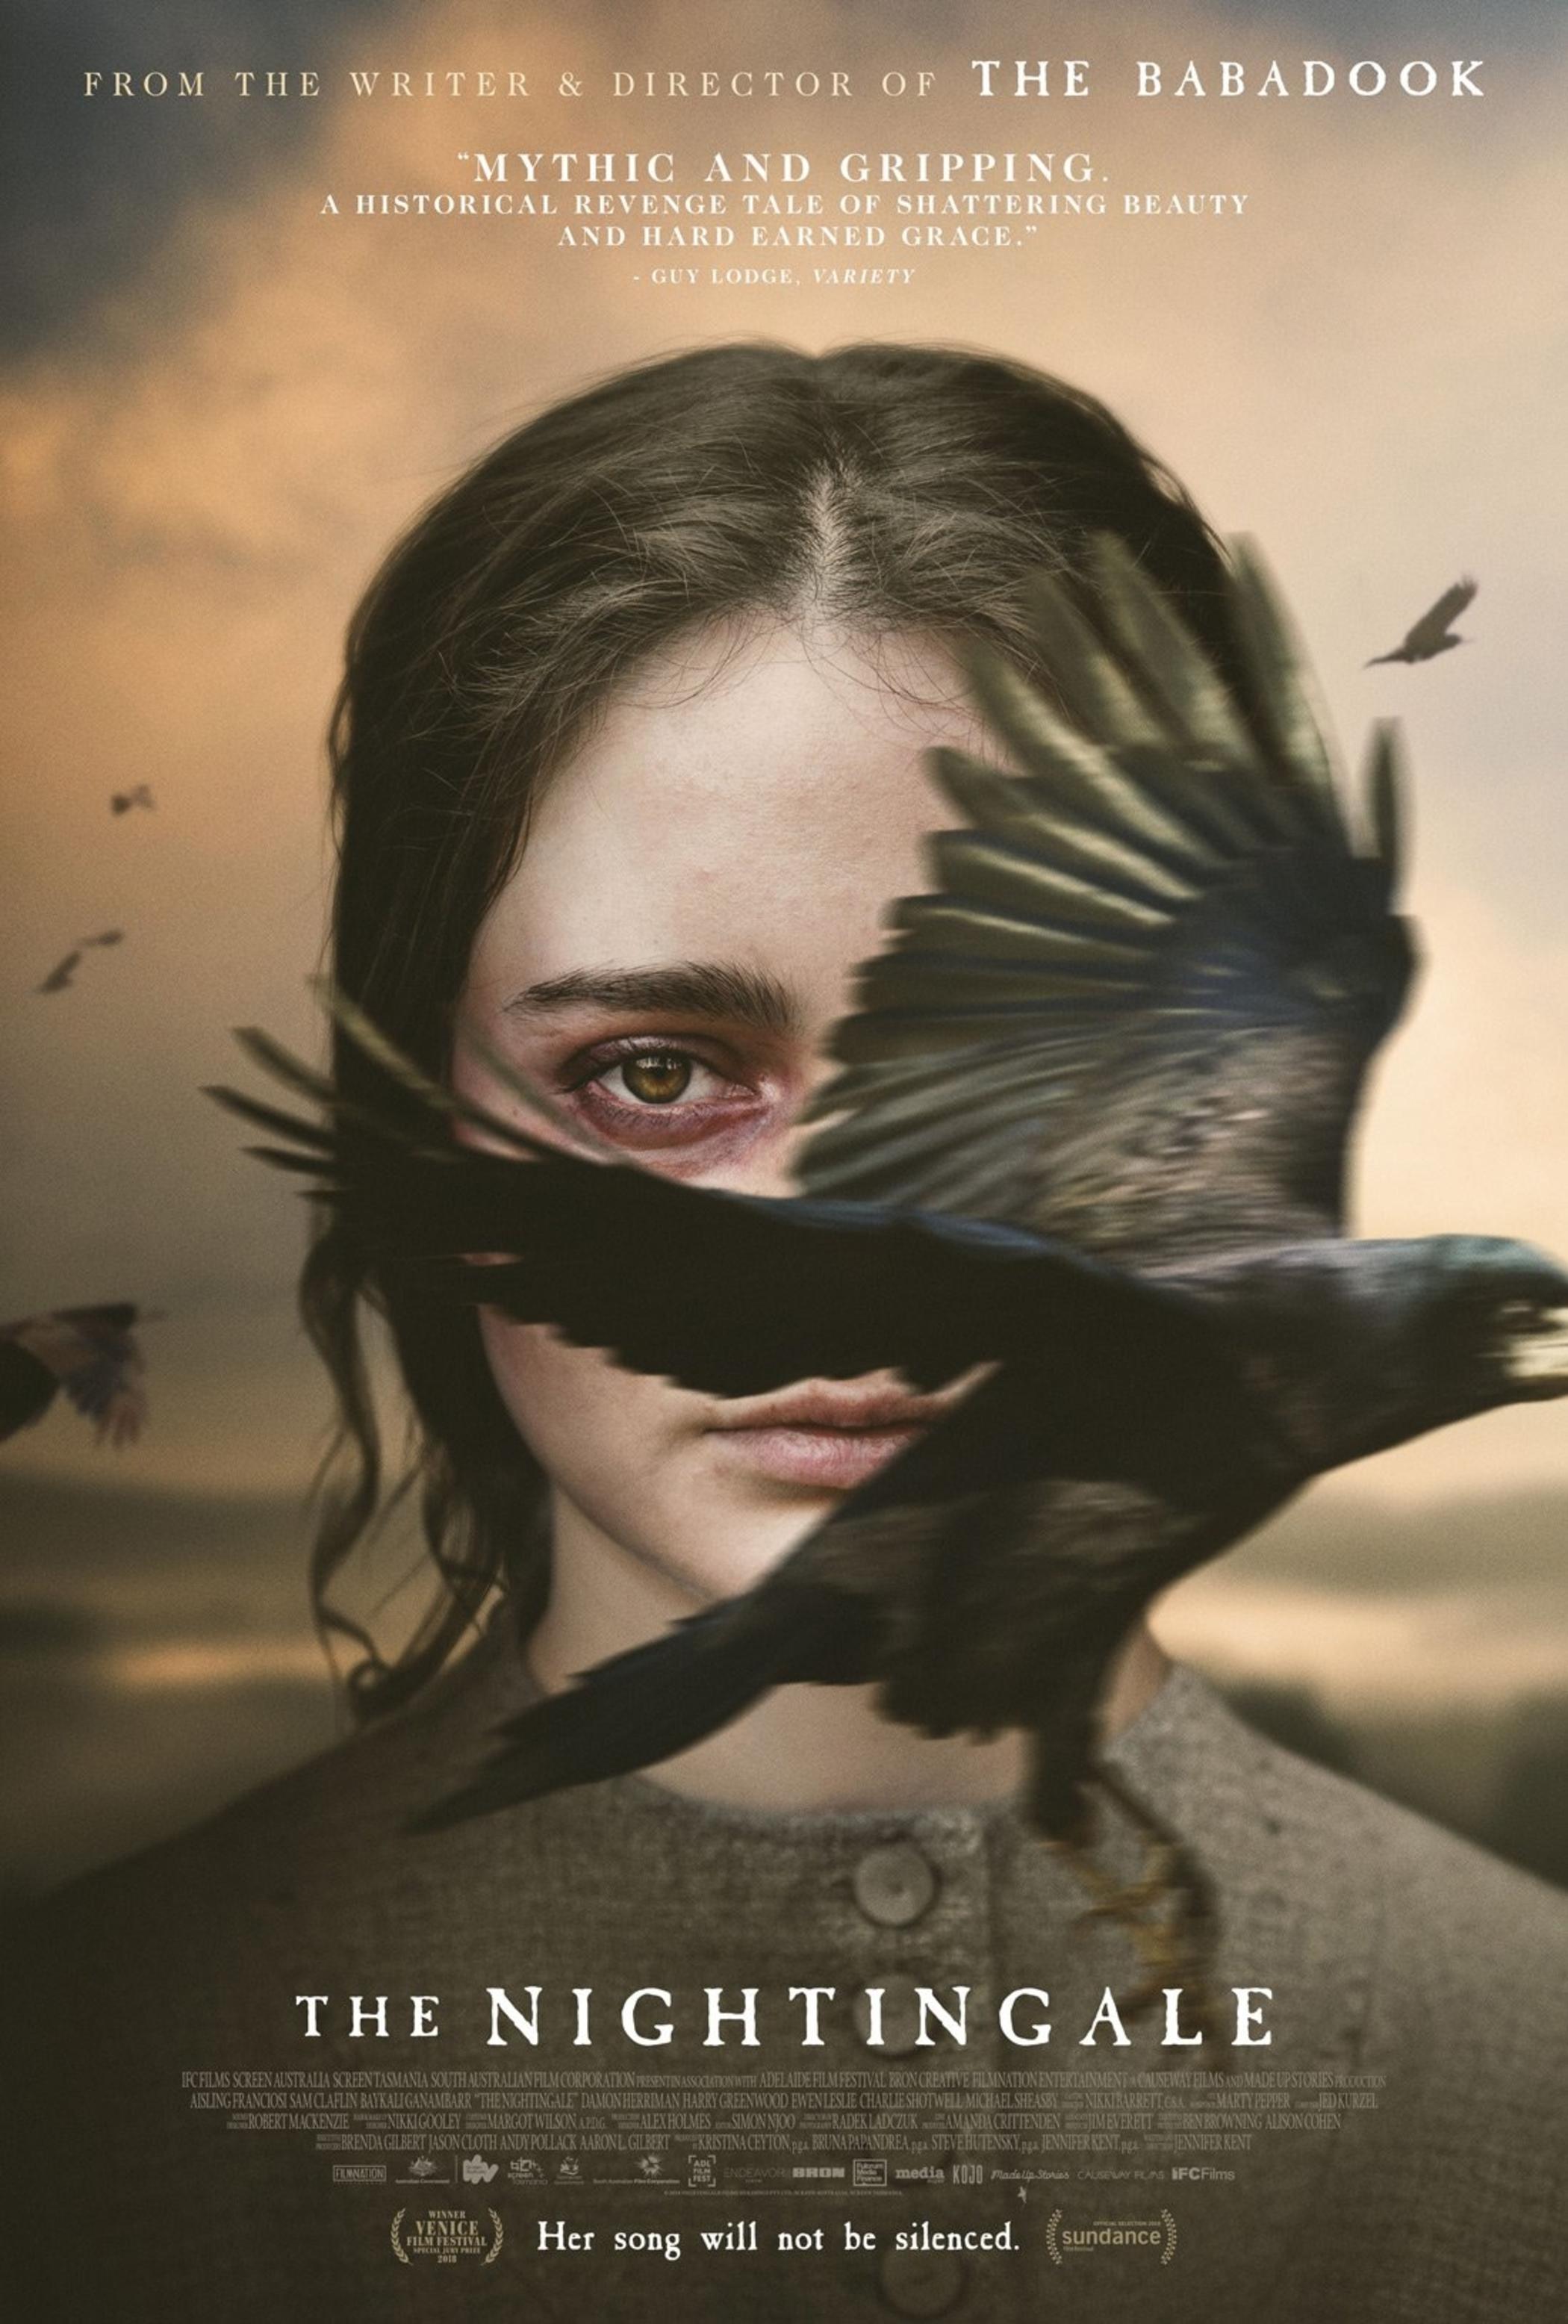 The Nightingale 2019 2100 3112 Ver Peliculas Online Peliculas De Terror Ver Peliculas Completas